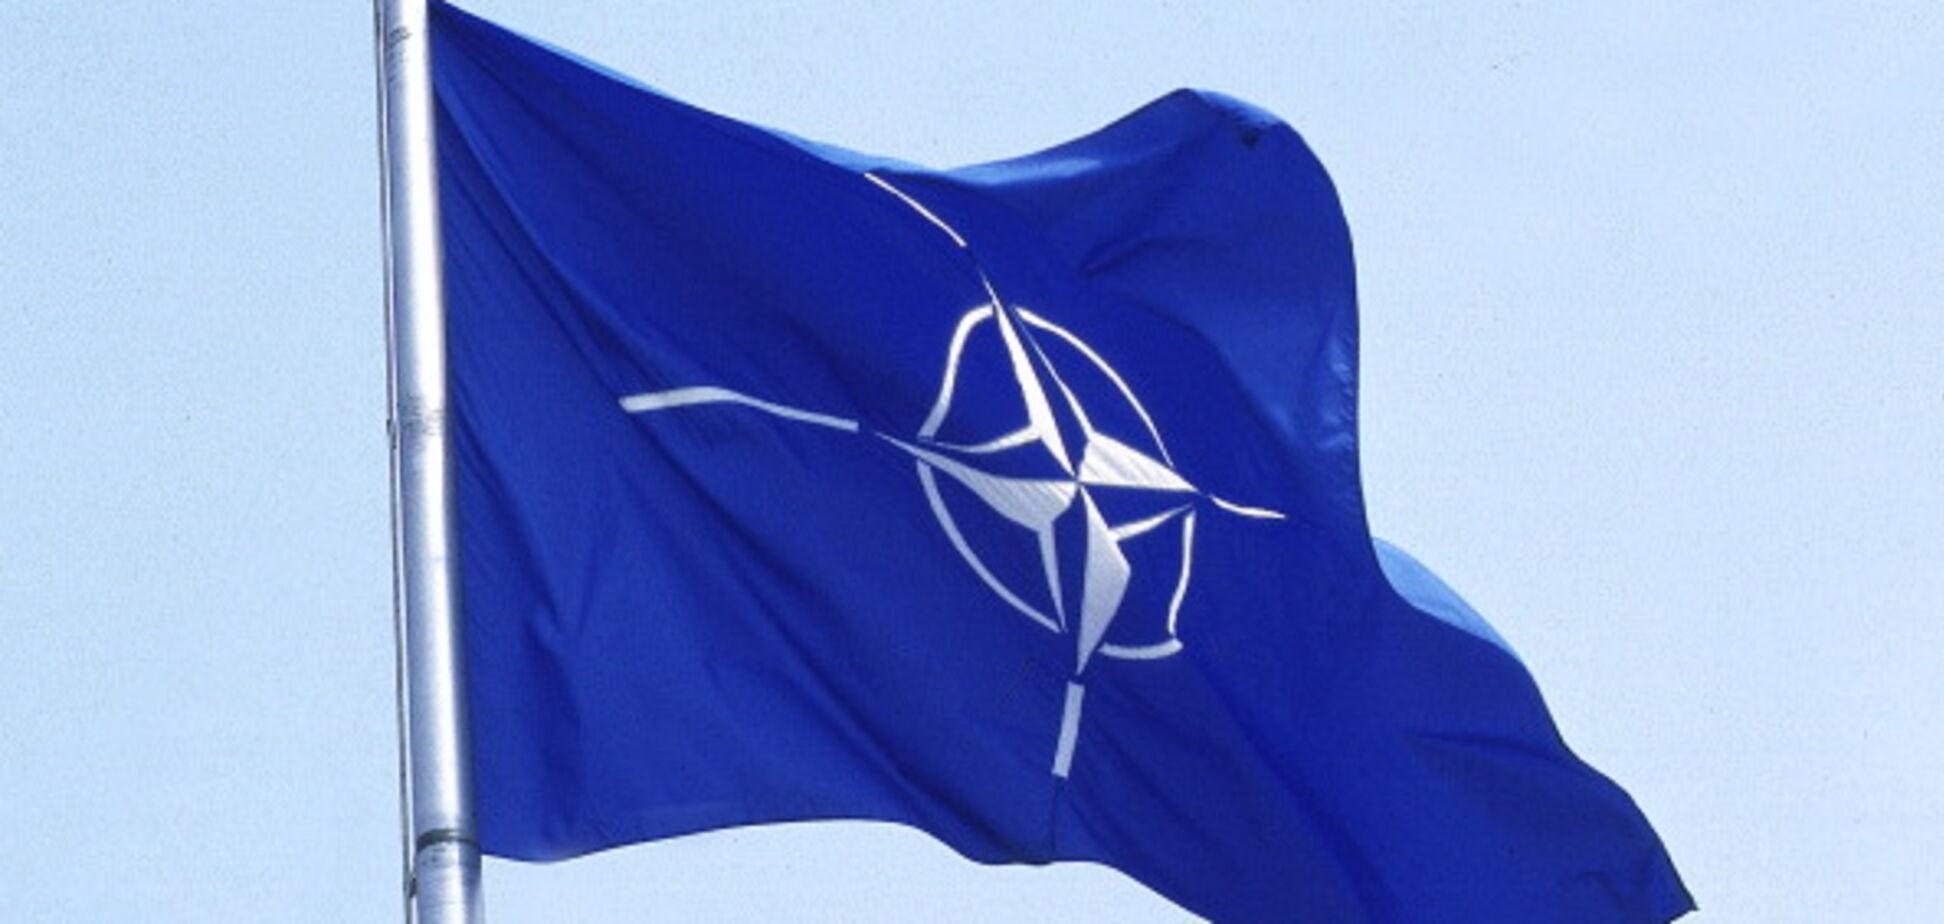 НАТОвці уже в Україні: в 'ЛНР' влаштували паніку через 'тривожне' повідомлення розвідки